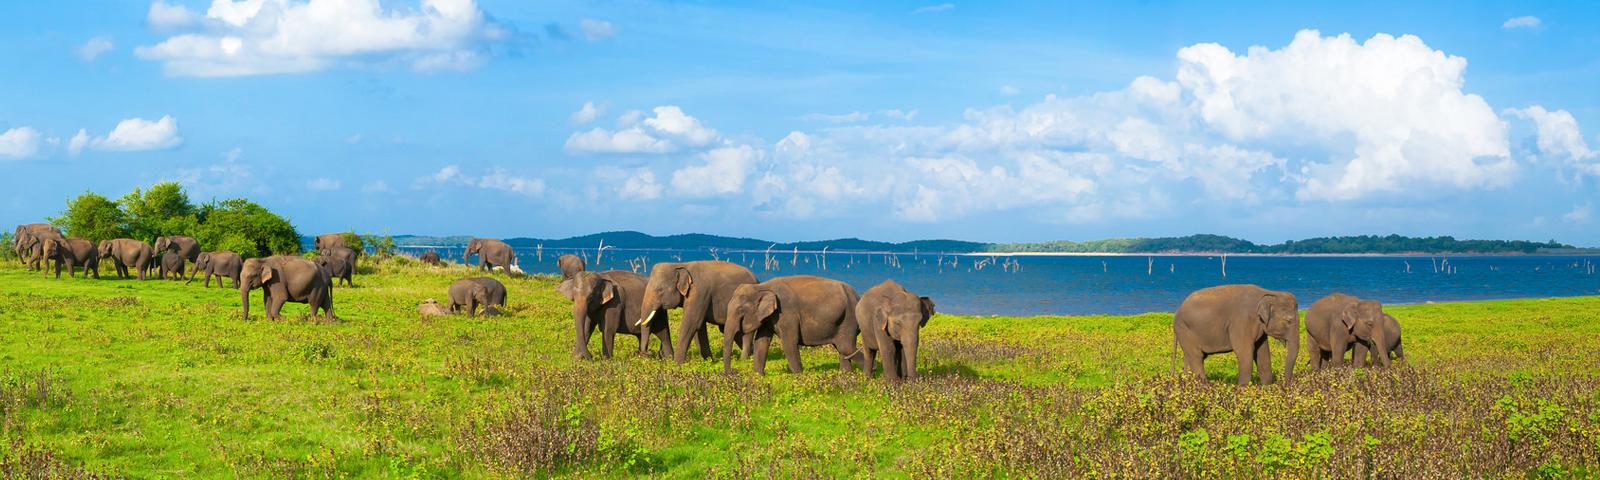 Somawathiya National Park in Sri Lanka